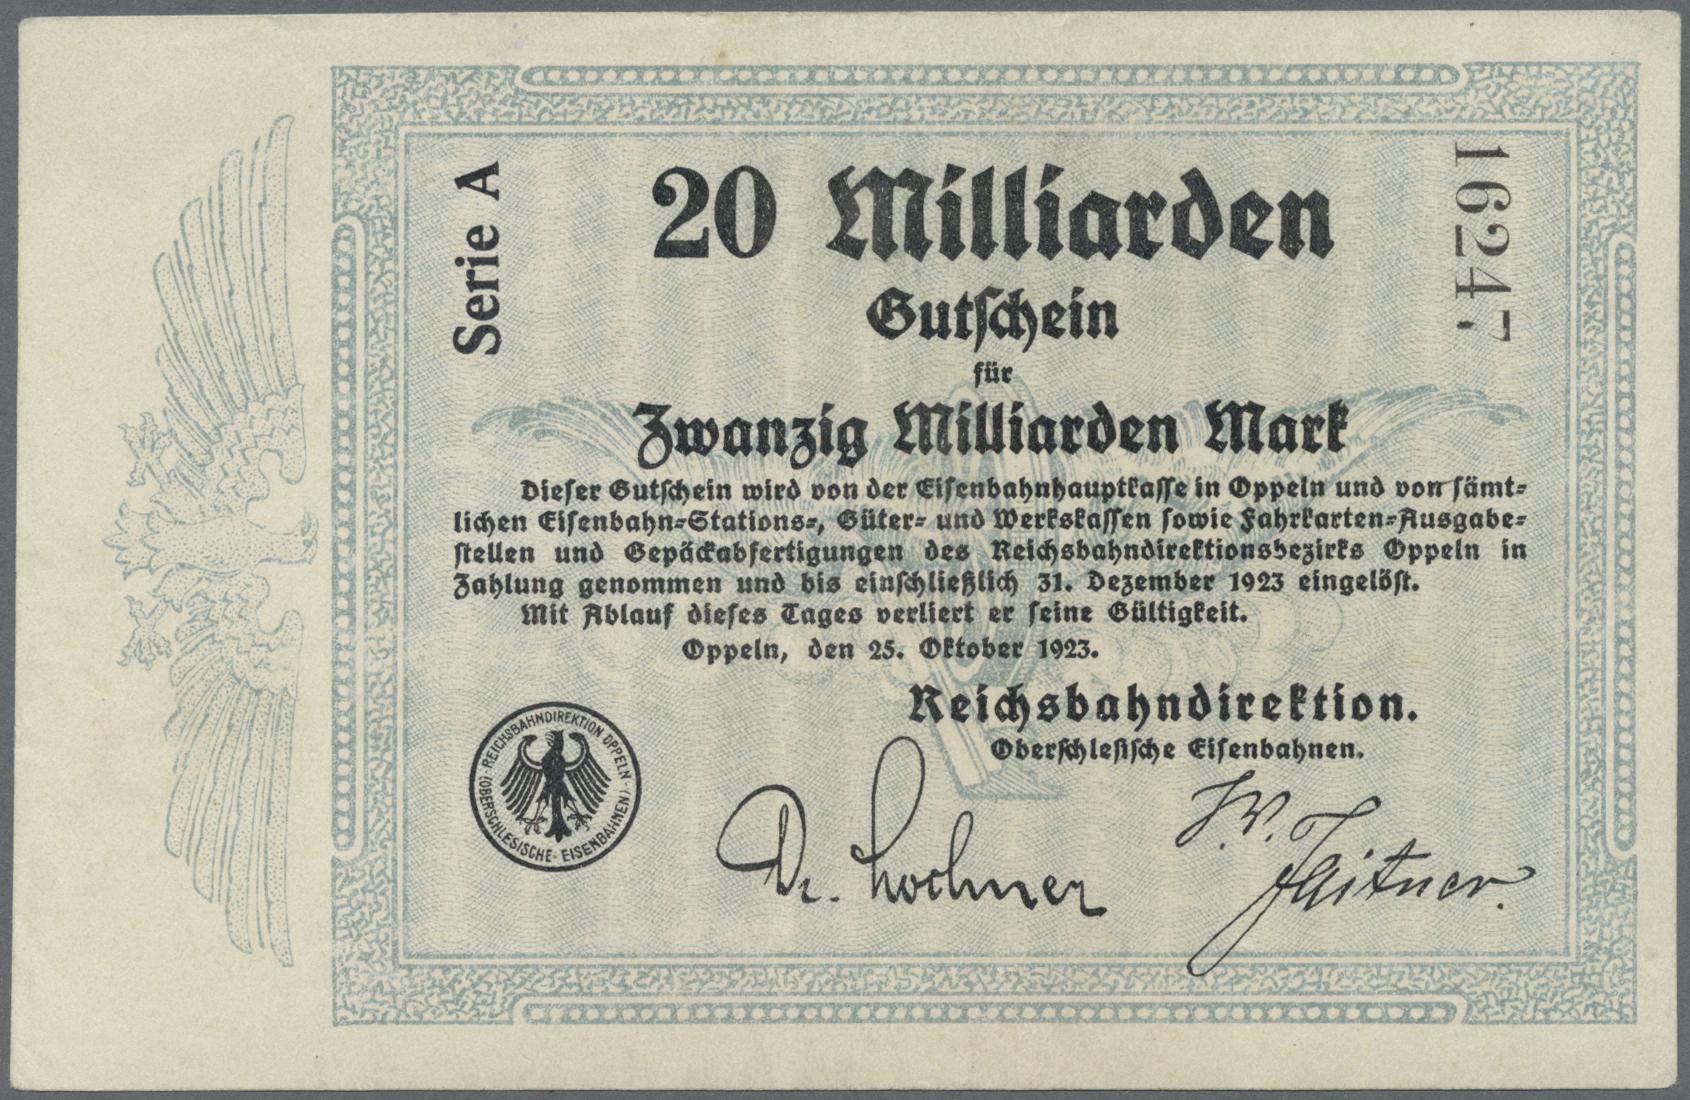 Lot 01420 - Deutschland - Reichsbahn / Reichspost | Banknoten  -  Auktionshaus Christoph Gärtner GmbH & Co. KG Sale #48 The Banknotes